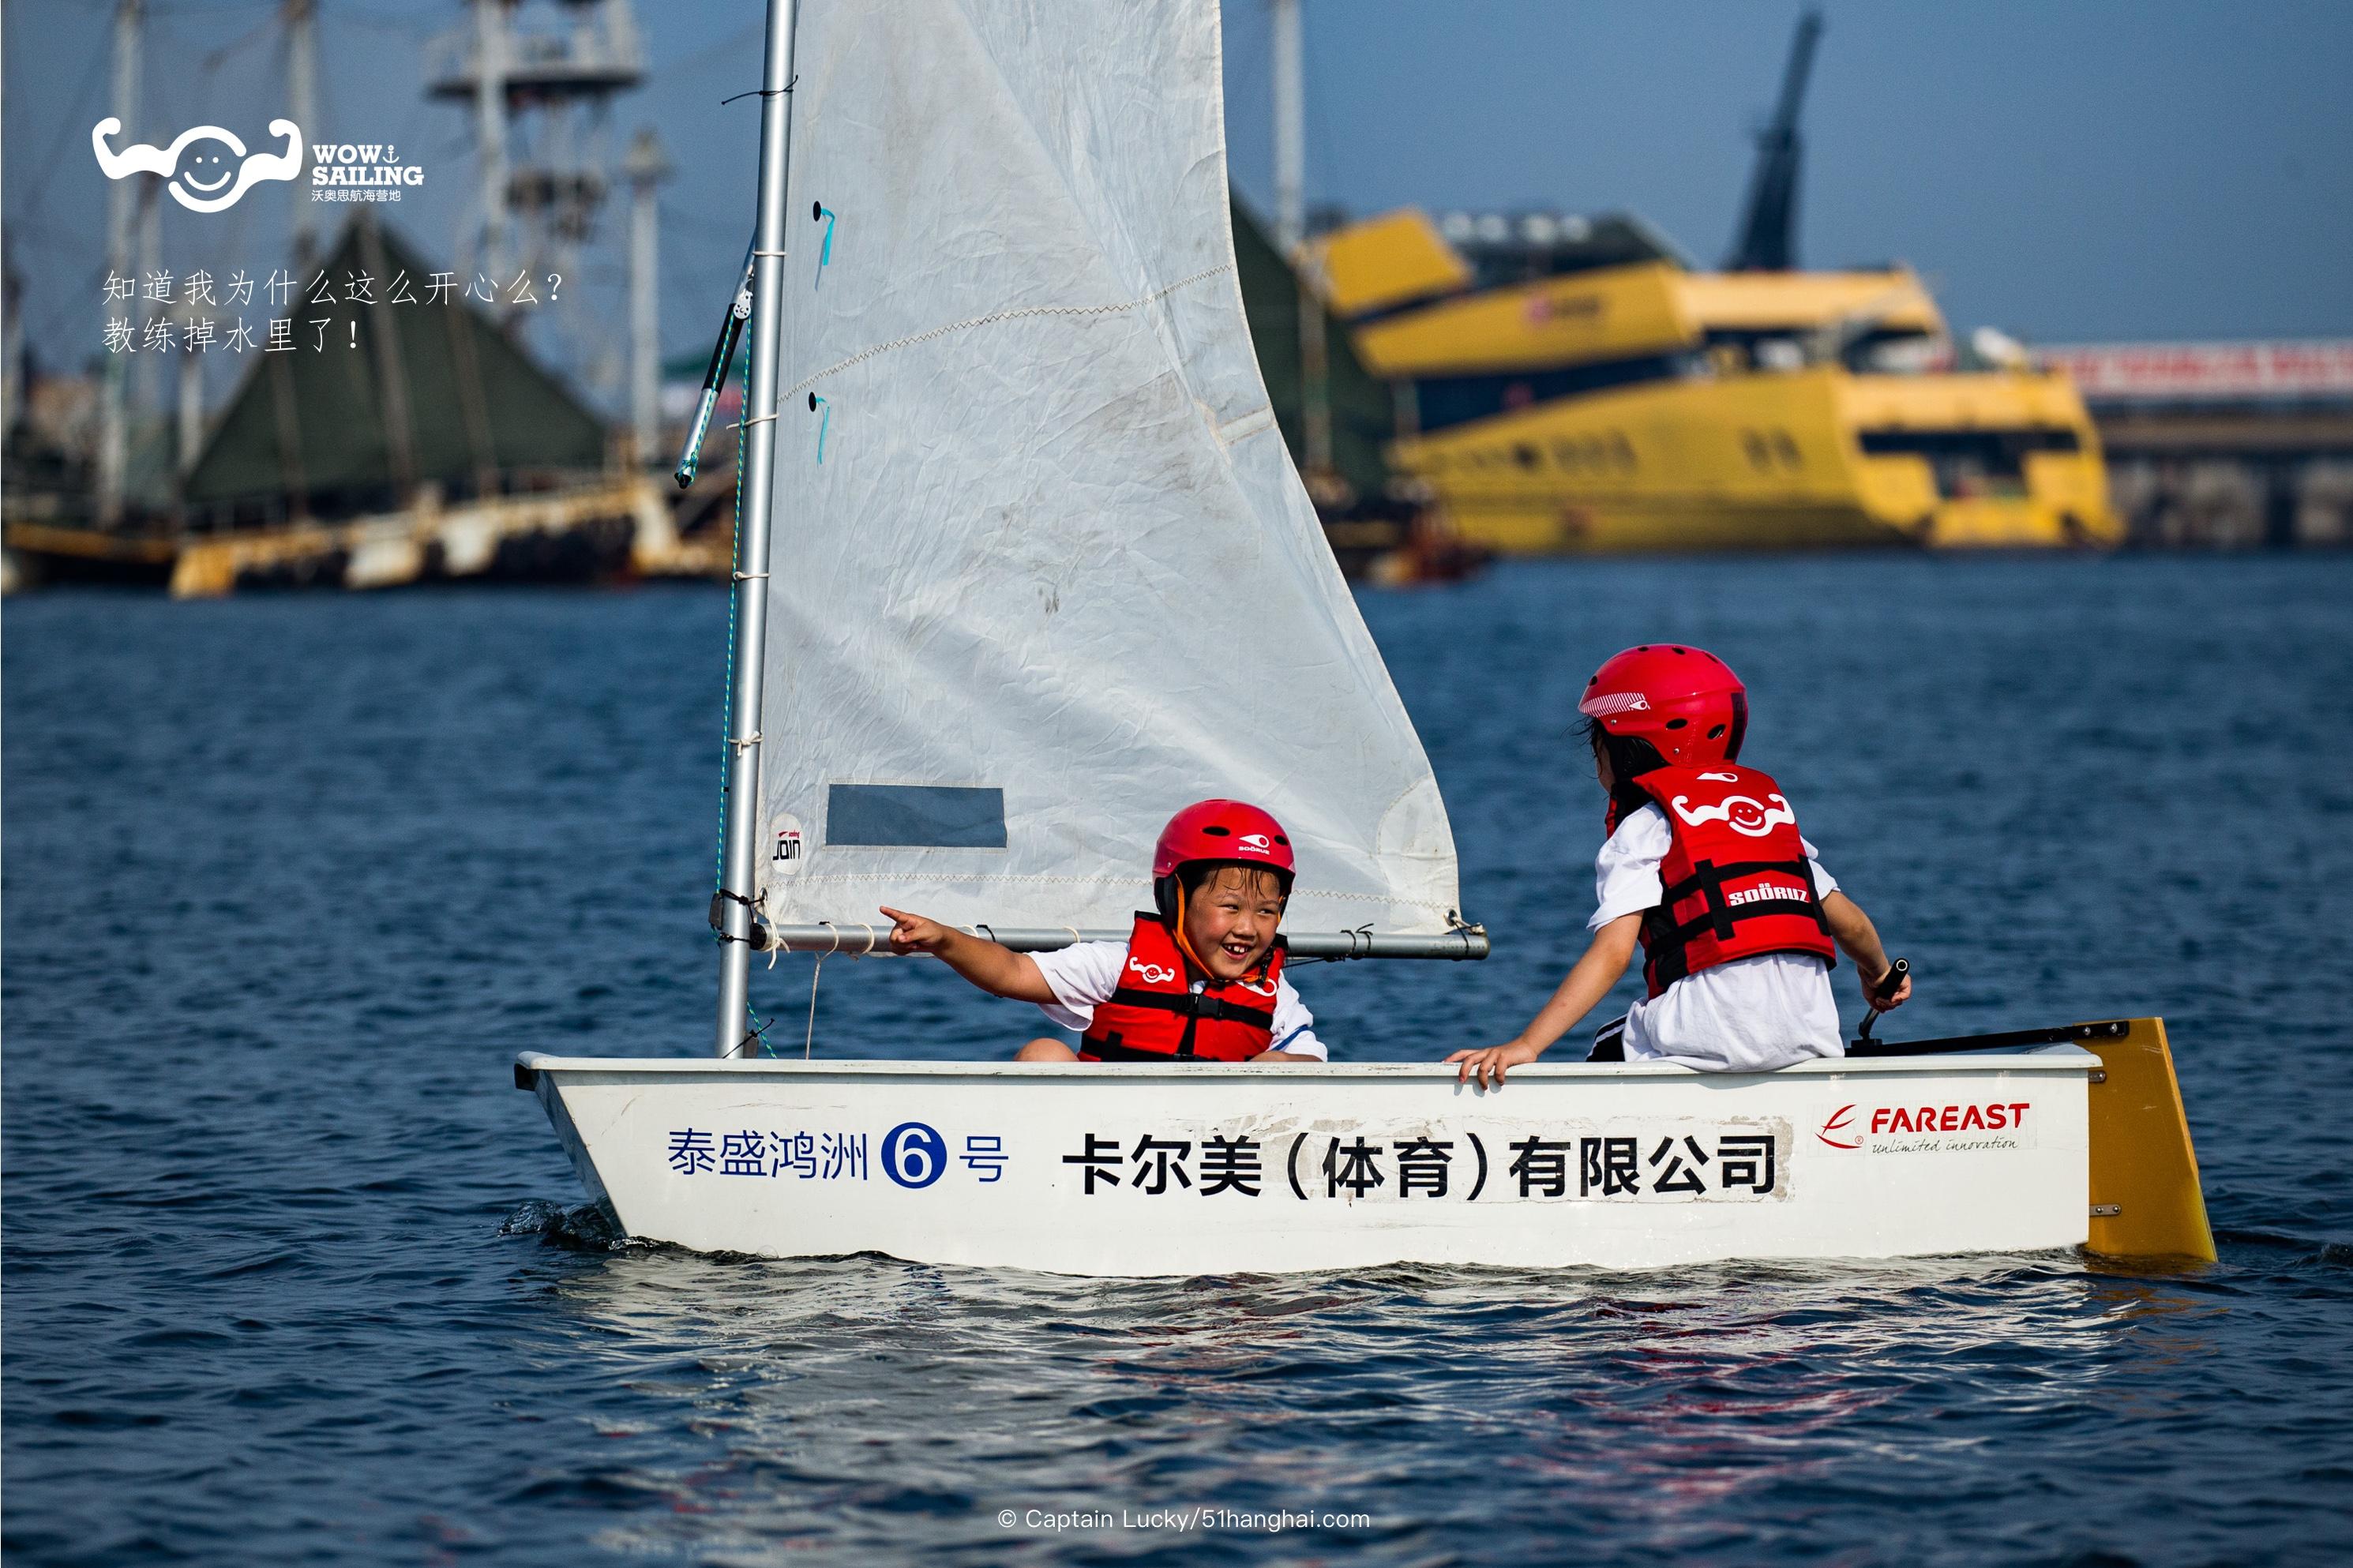 帆船,培训,航海,法国,教练 2020 沃奥思第一期帆船走训营  222919vc59pzf5bkc3xzpx